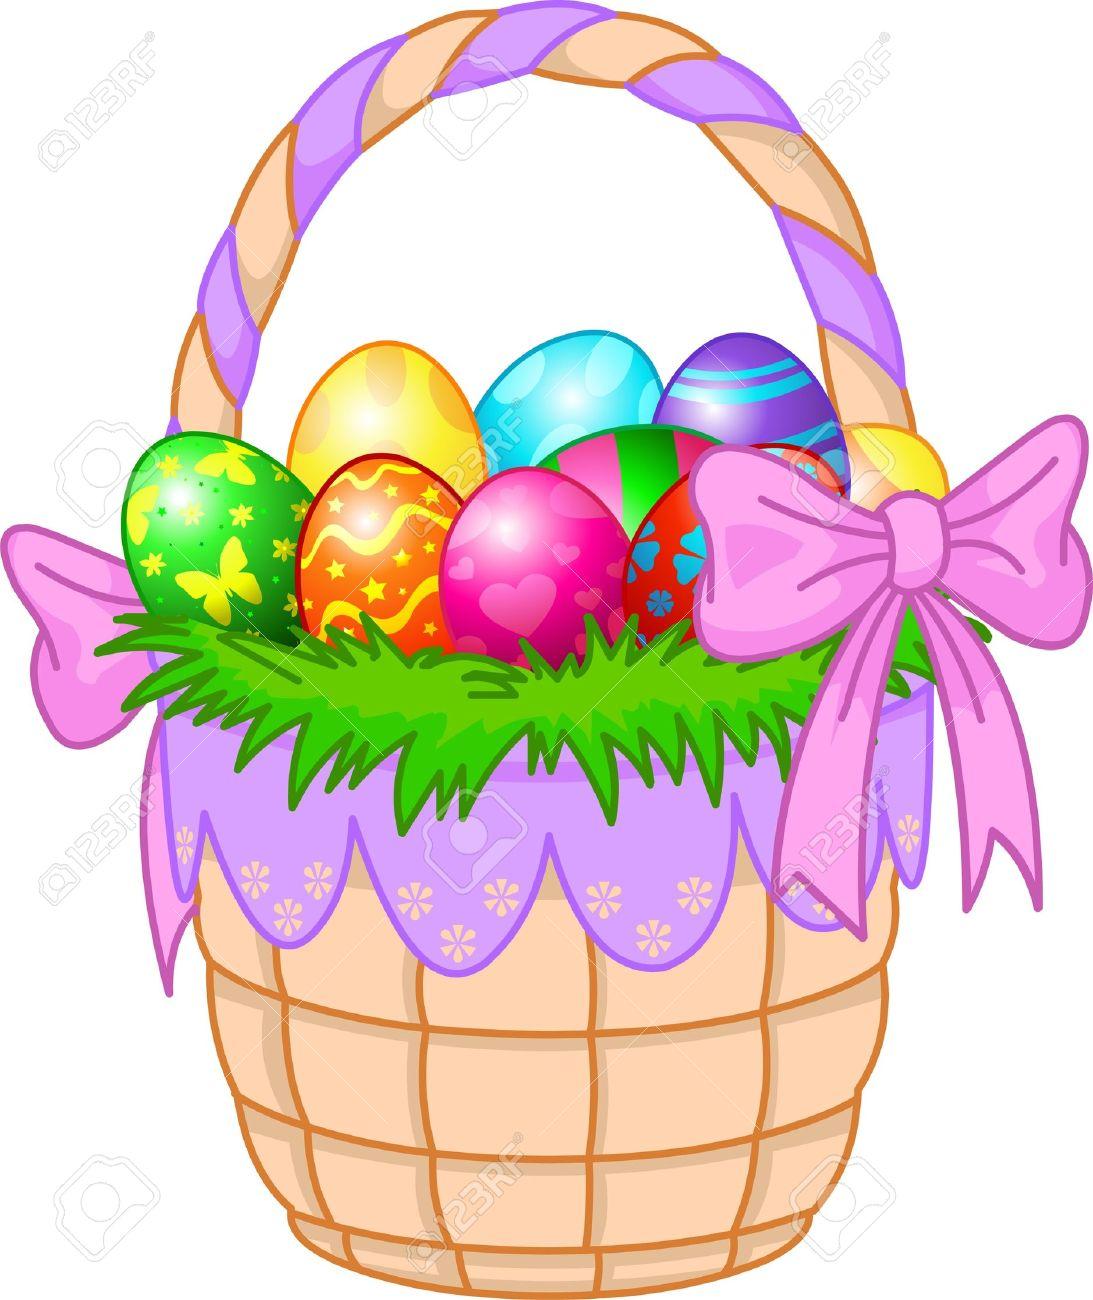 Schöne Osterkorb Mit Bunten Eiern Lizenzfrei Nutzbare.